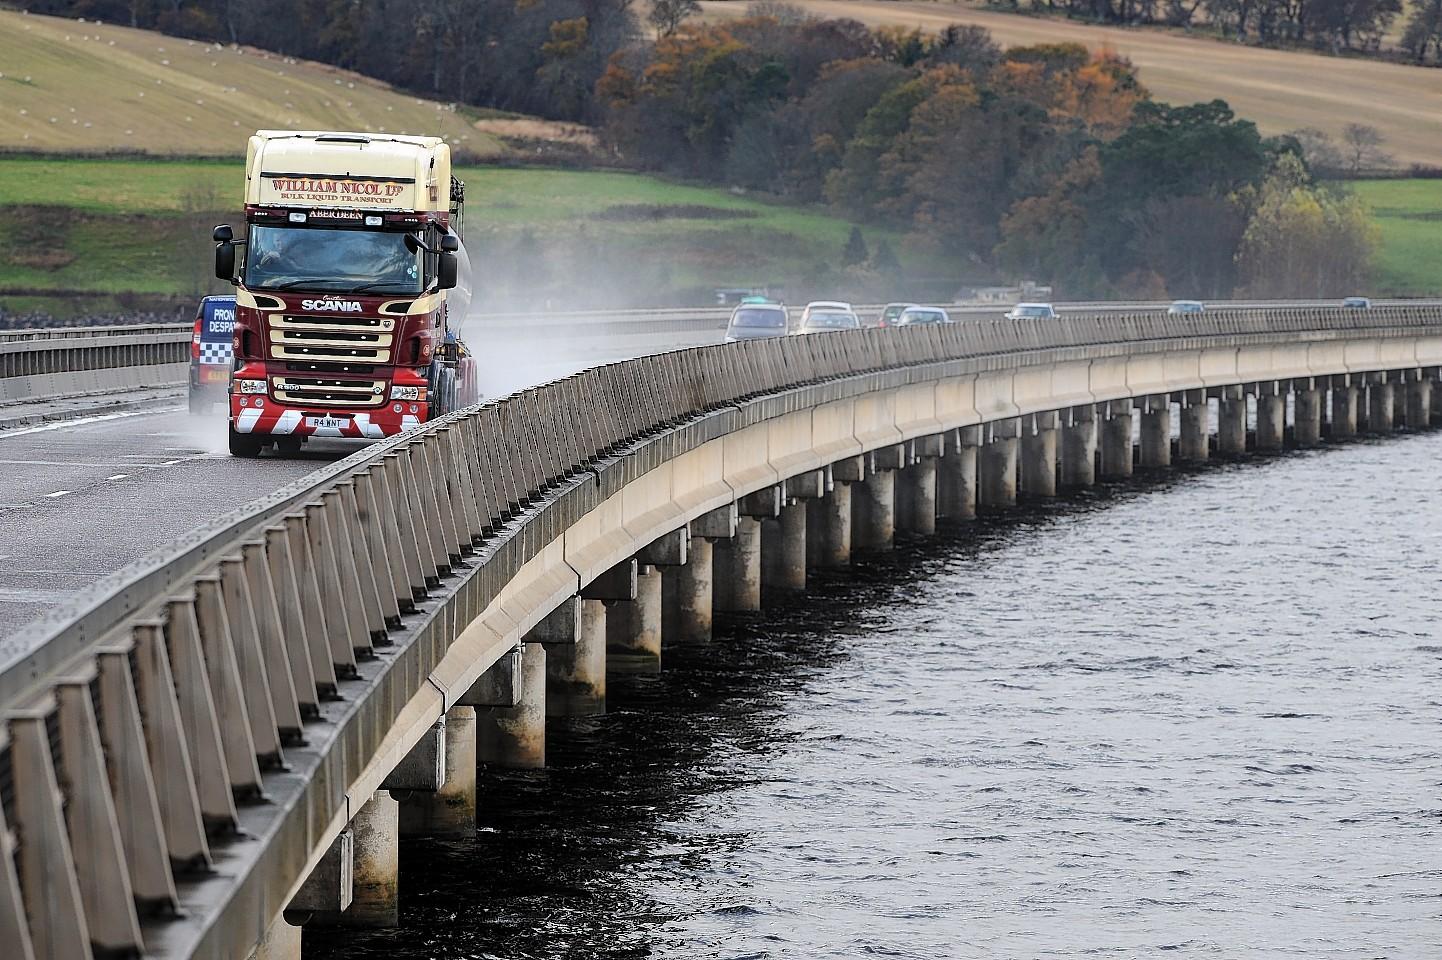 The Cromarty Bridge